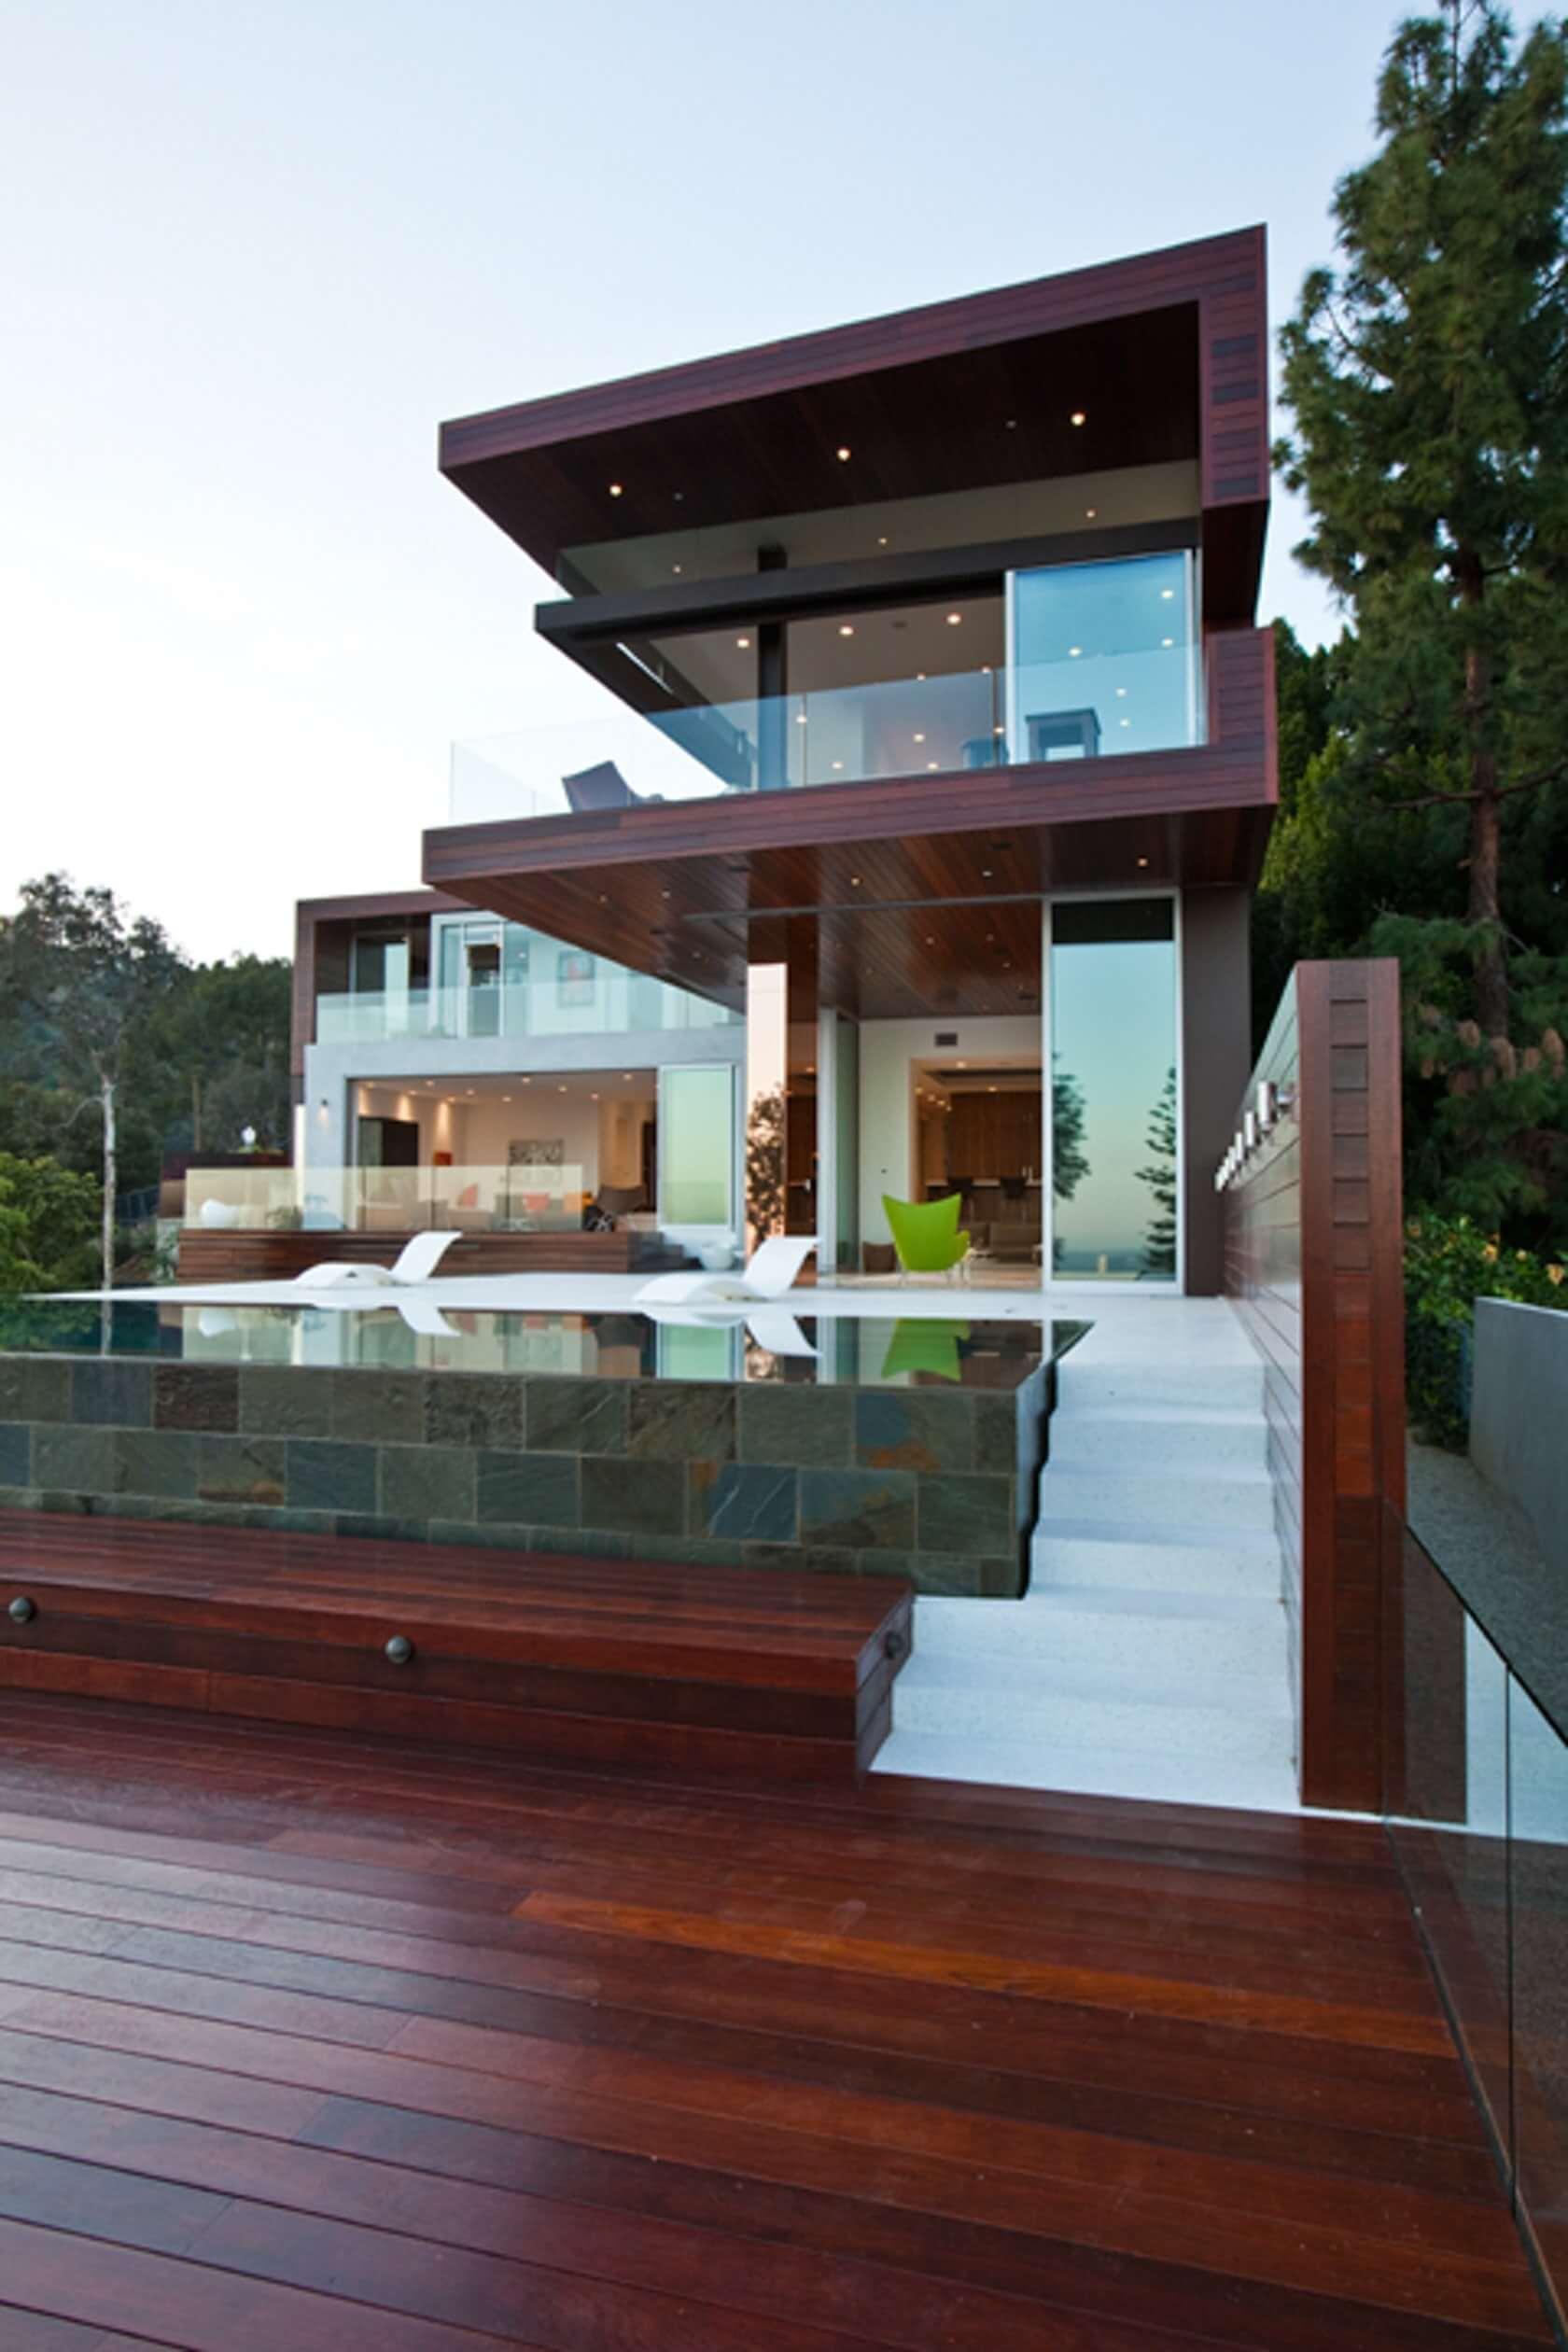 Deck de madeira com piscinas modernas elevadas